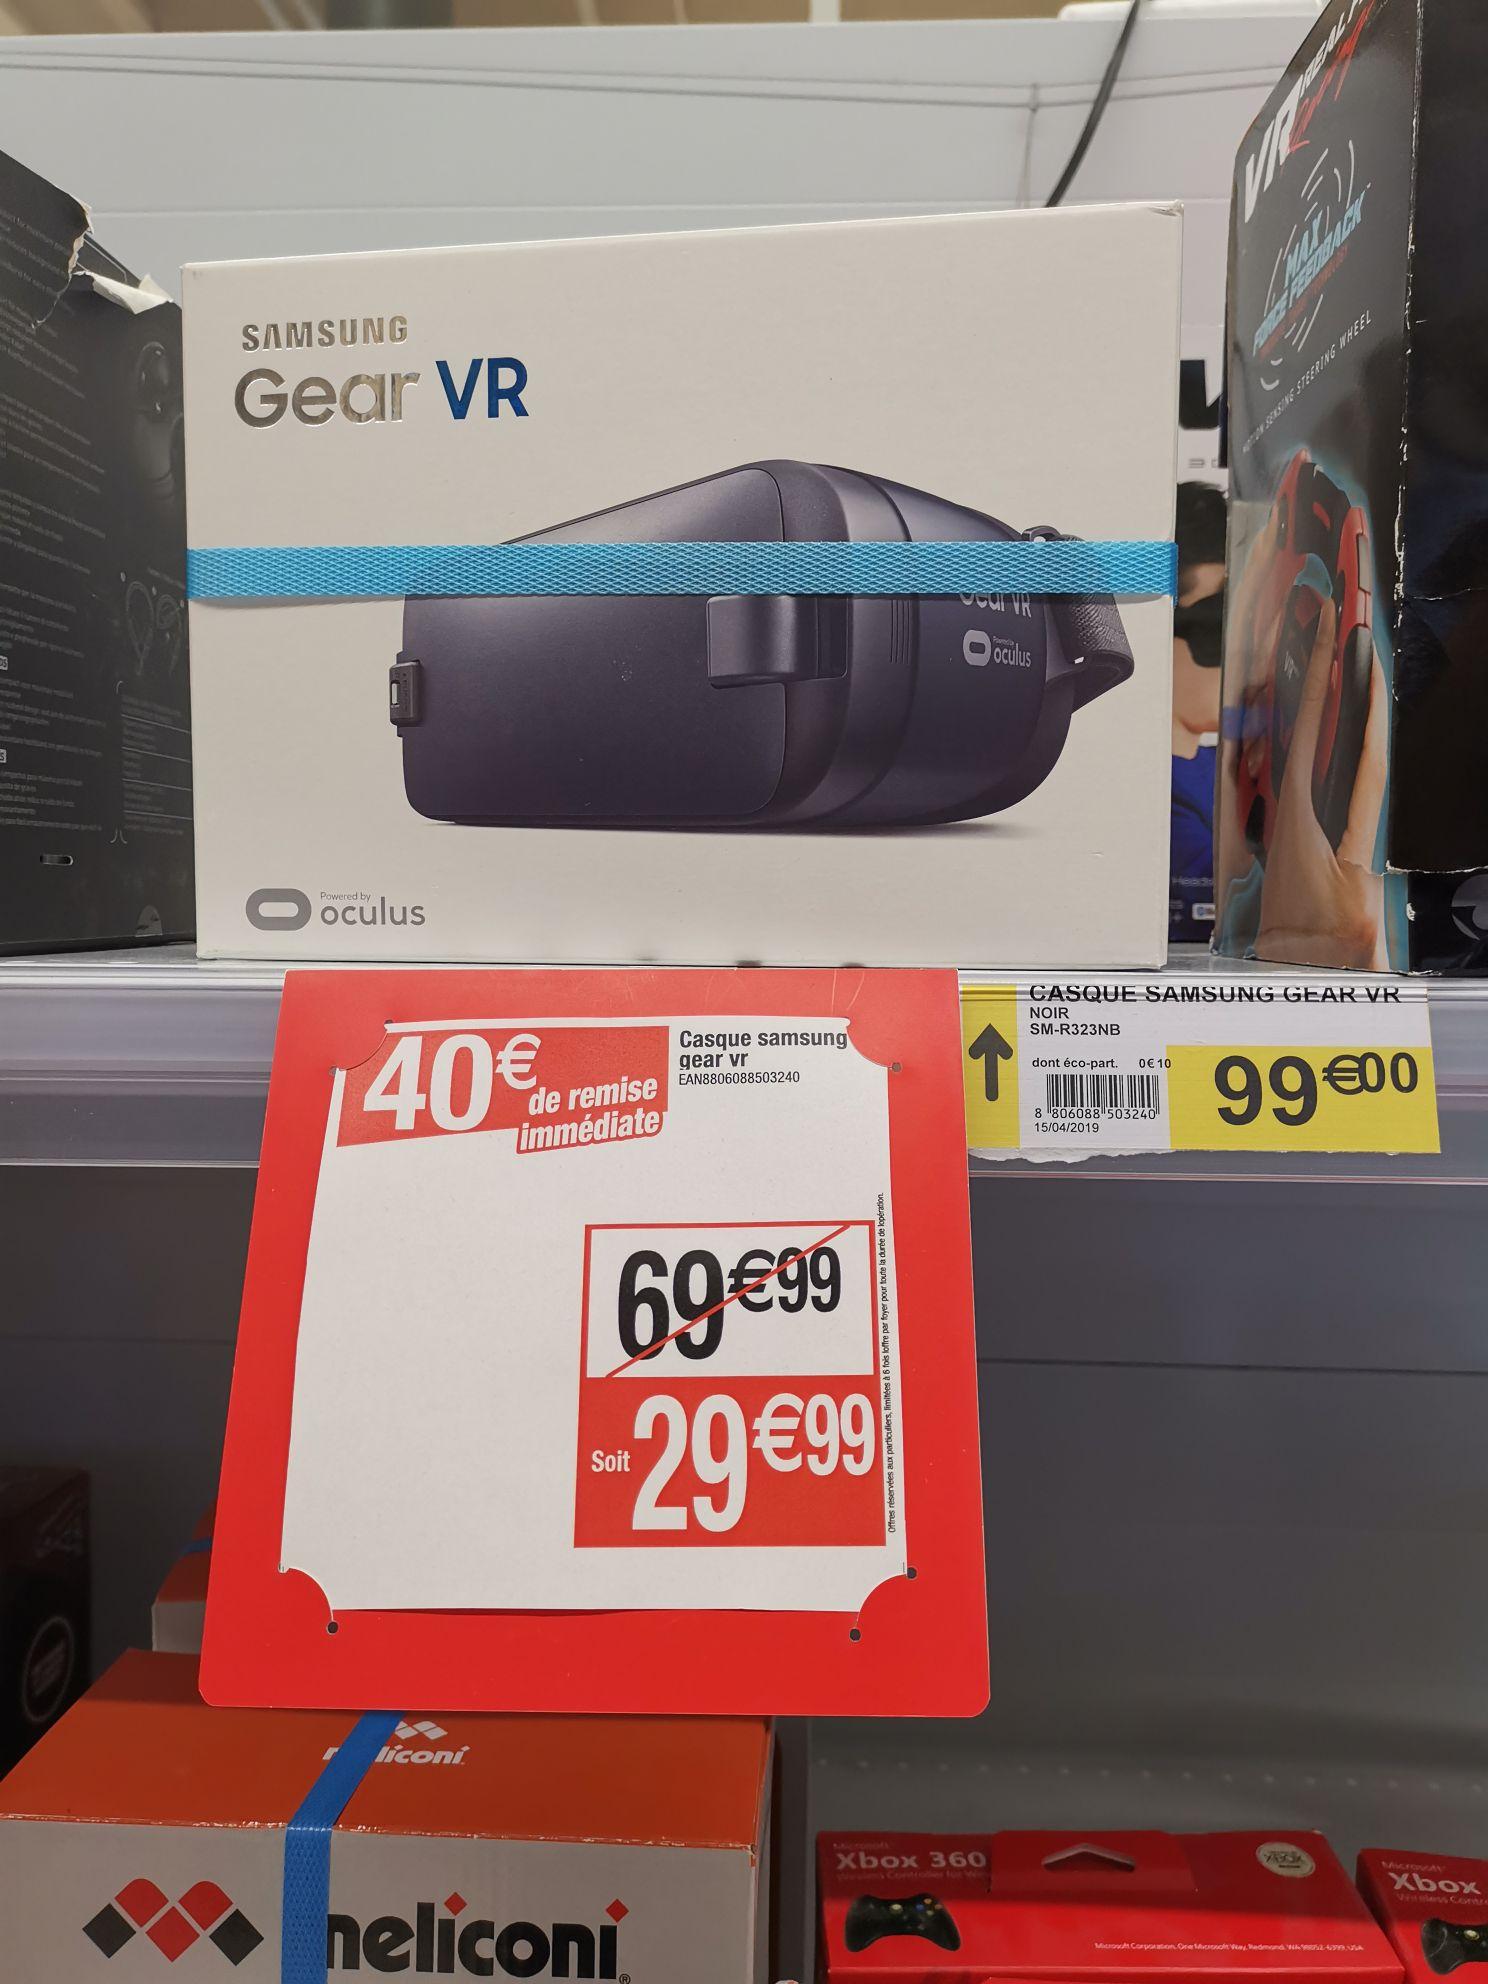 Casques de réalité virtuelle pour smartphone Samsung Gear VR (SM-R323) - Ermont (95)